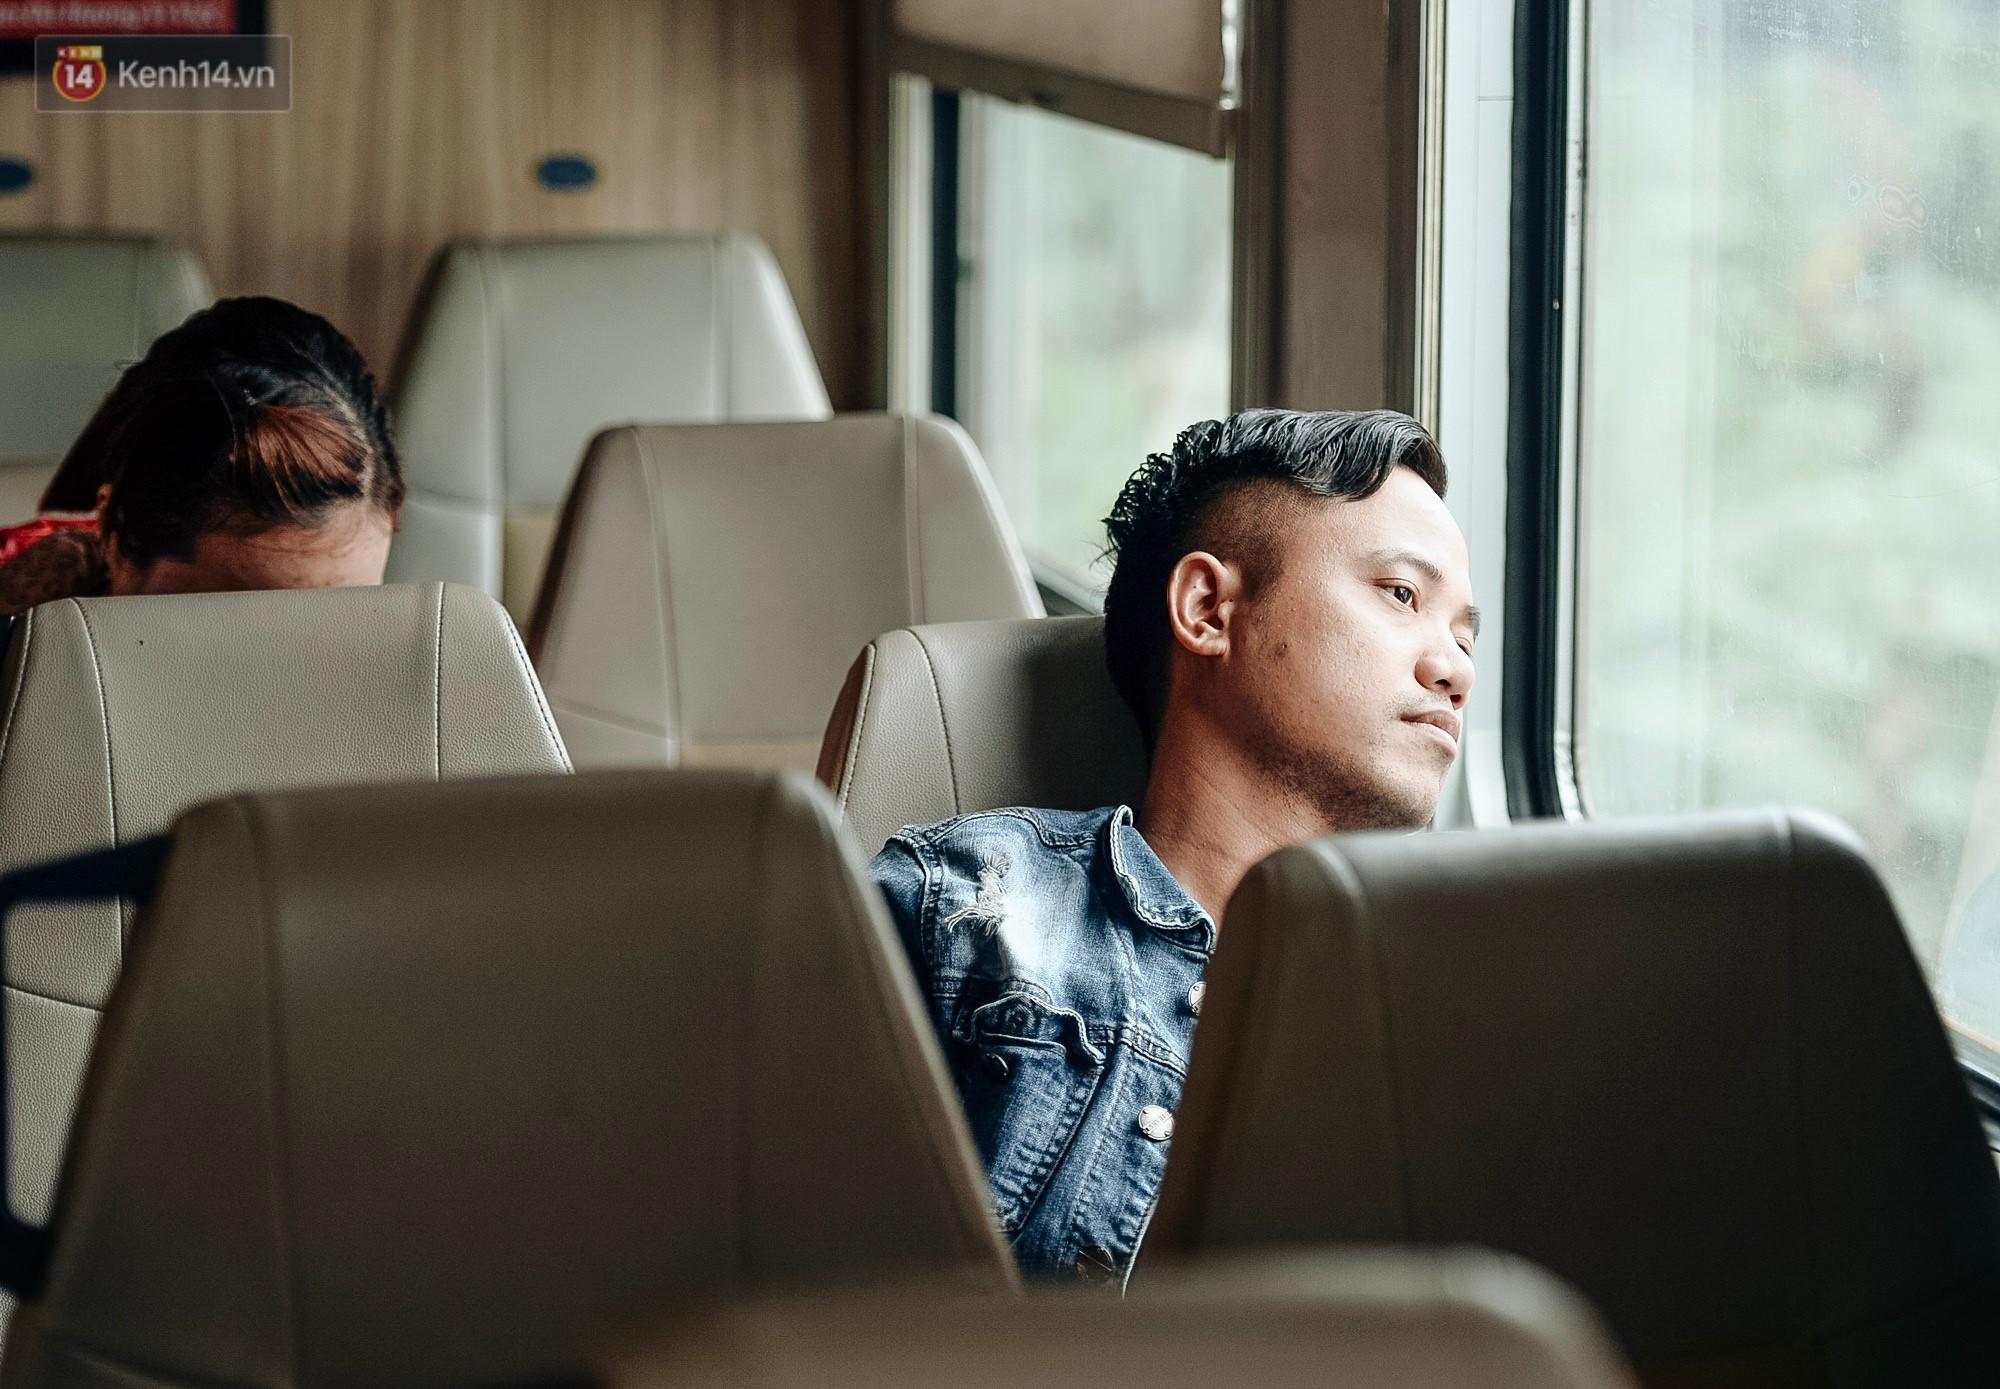 Chuyến tàu mùa xuân chở công nhân nghèo dọc đường đất nước về đến ga Hà Nội và những khoảnh khắc đoàn tụ đầy xúc động - Ảnh 9.